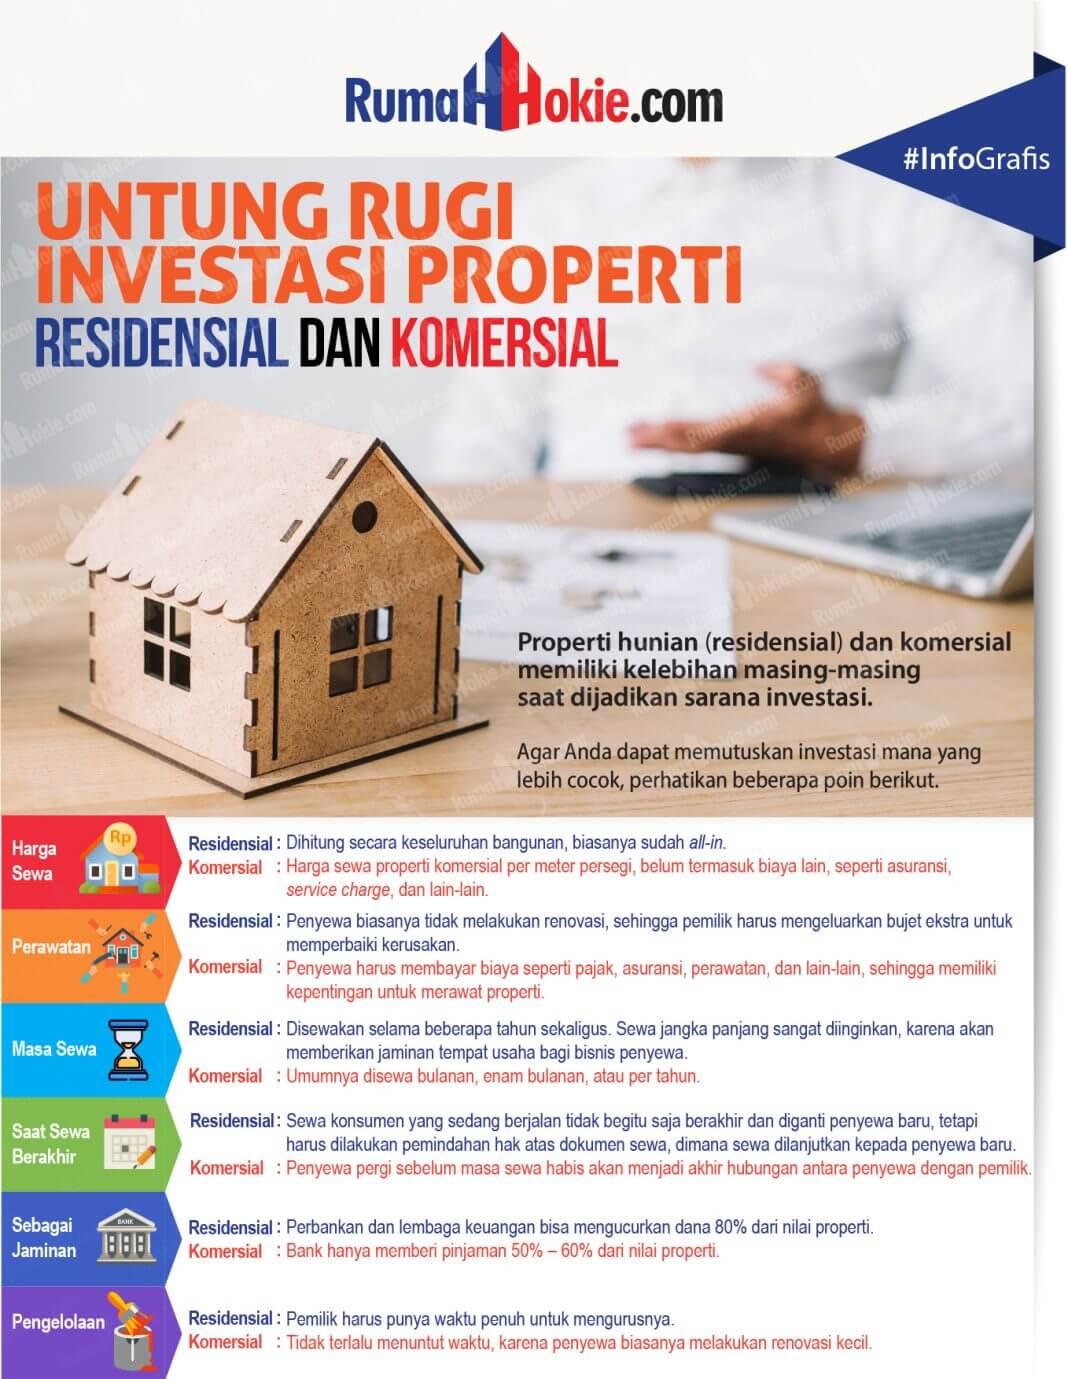 6 Pertimbangan Investasi Properti - RumahHokie - Infografis - BeliSewaRumah